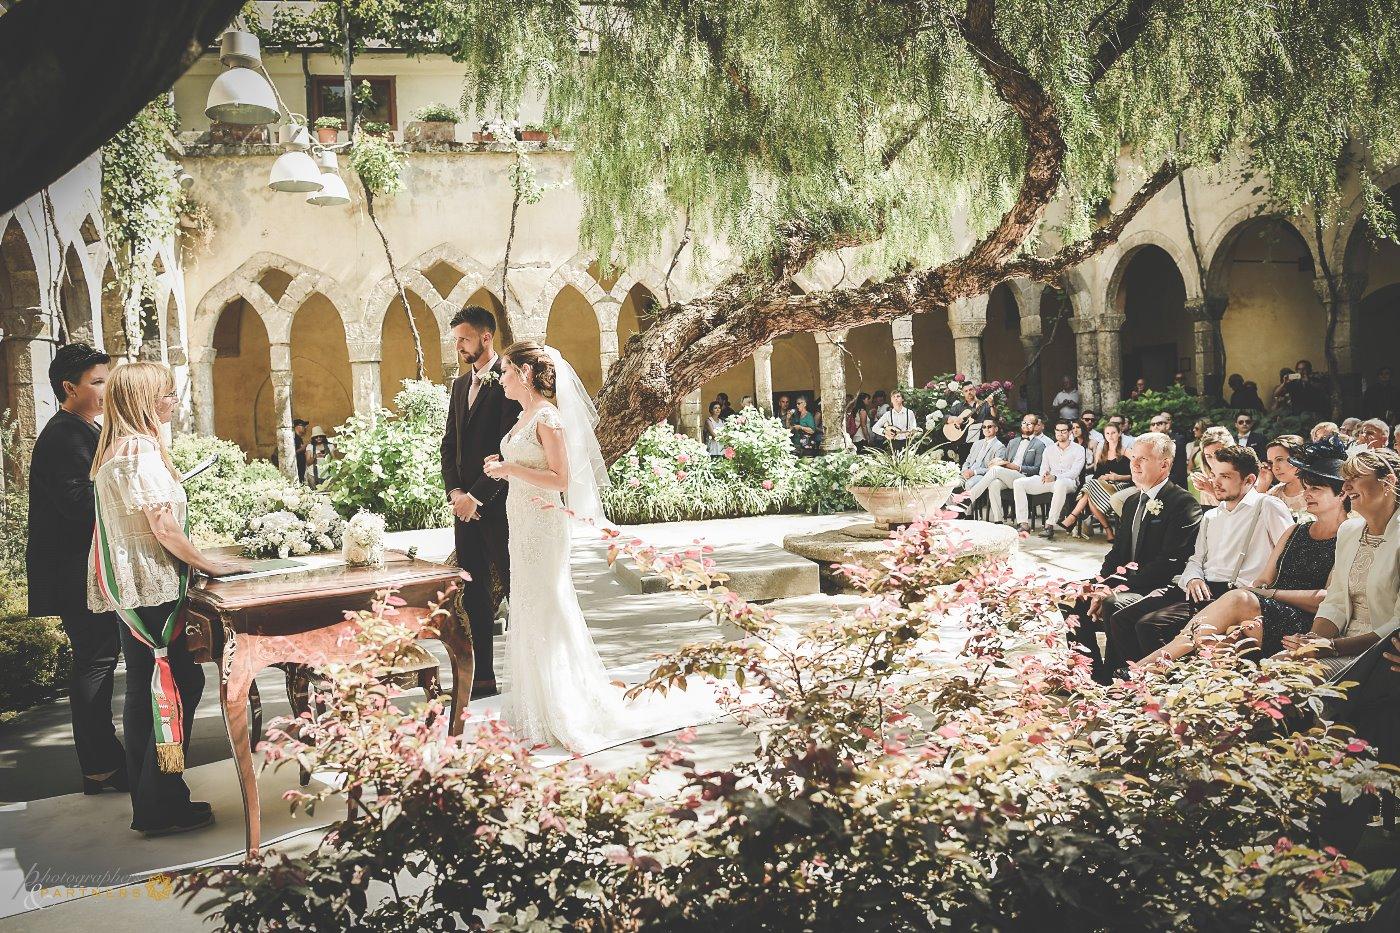 photography_weddings_sorrento_09.jpg